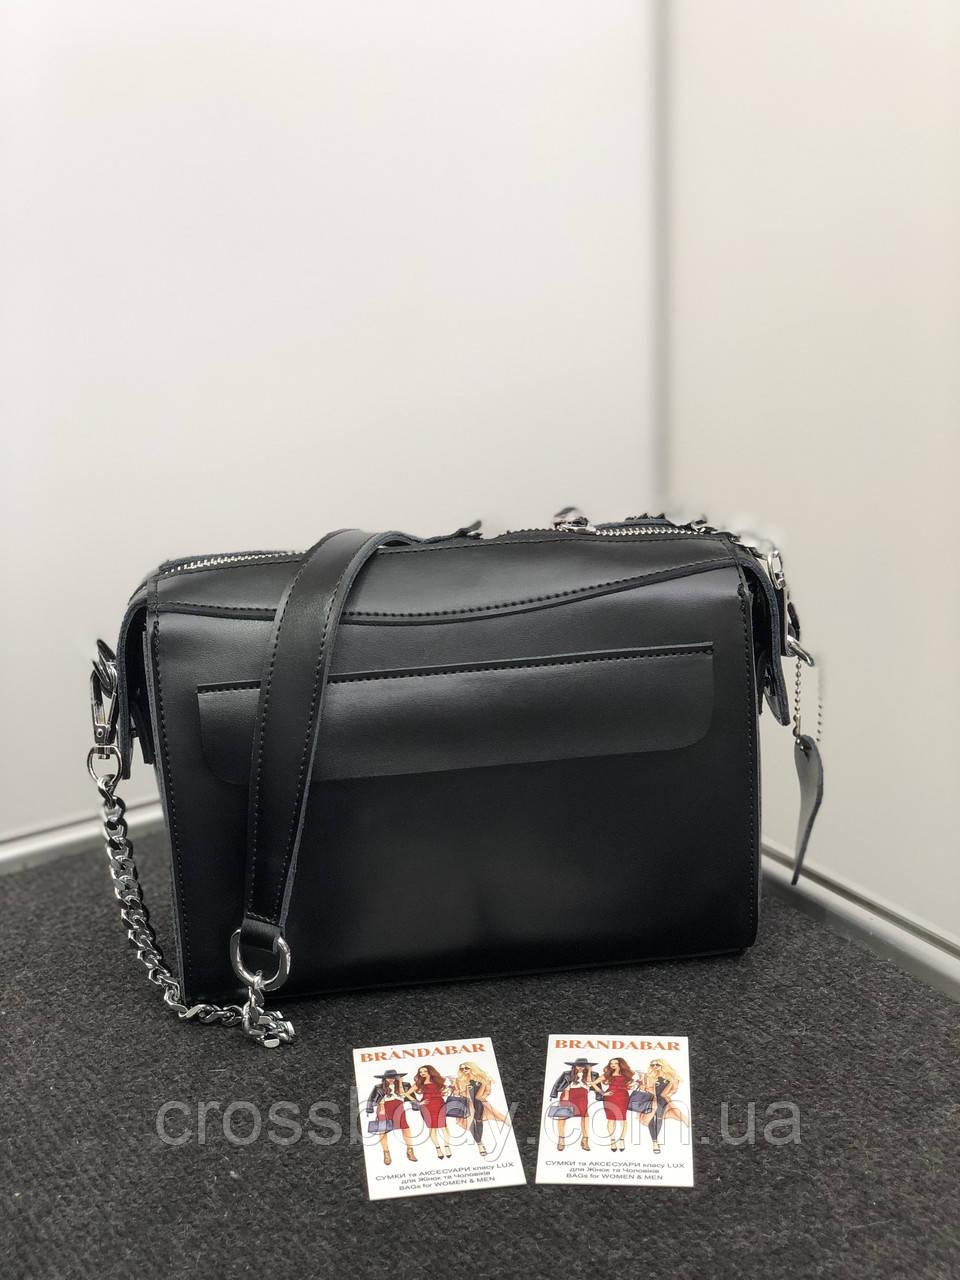 4ba38dfcfda9 Кожаная сумка на плече женская - Интернет - магазин